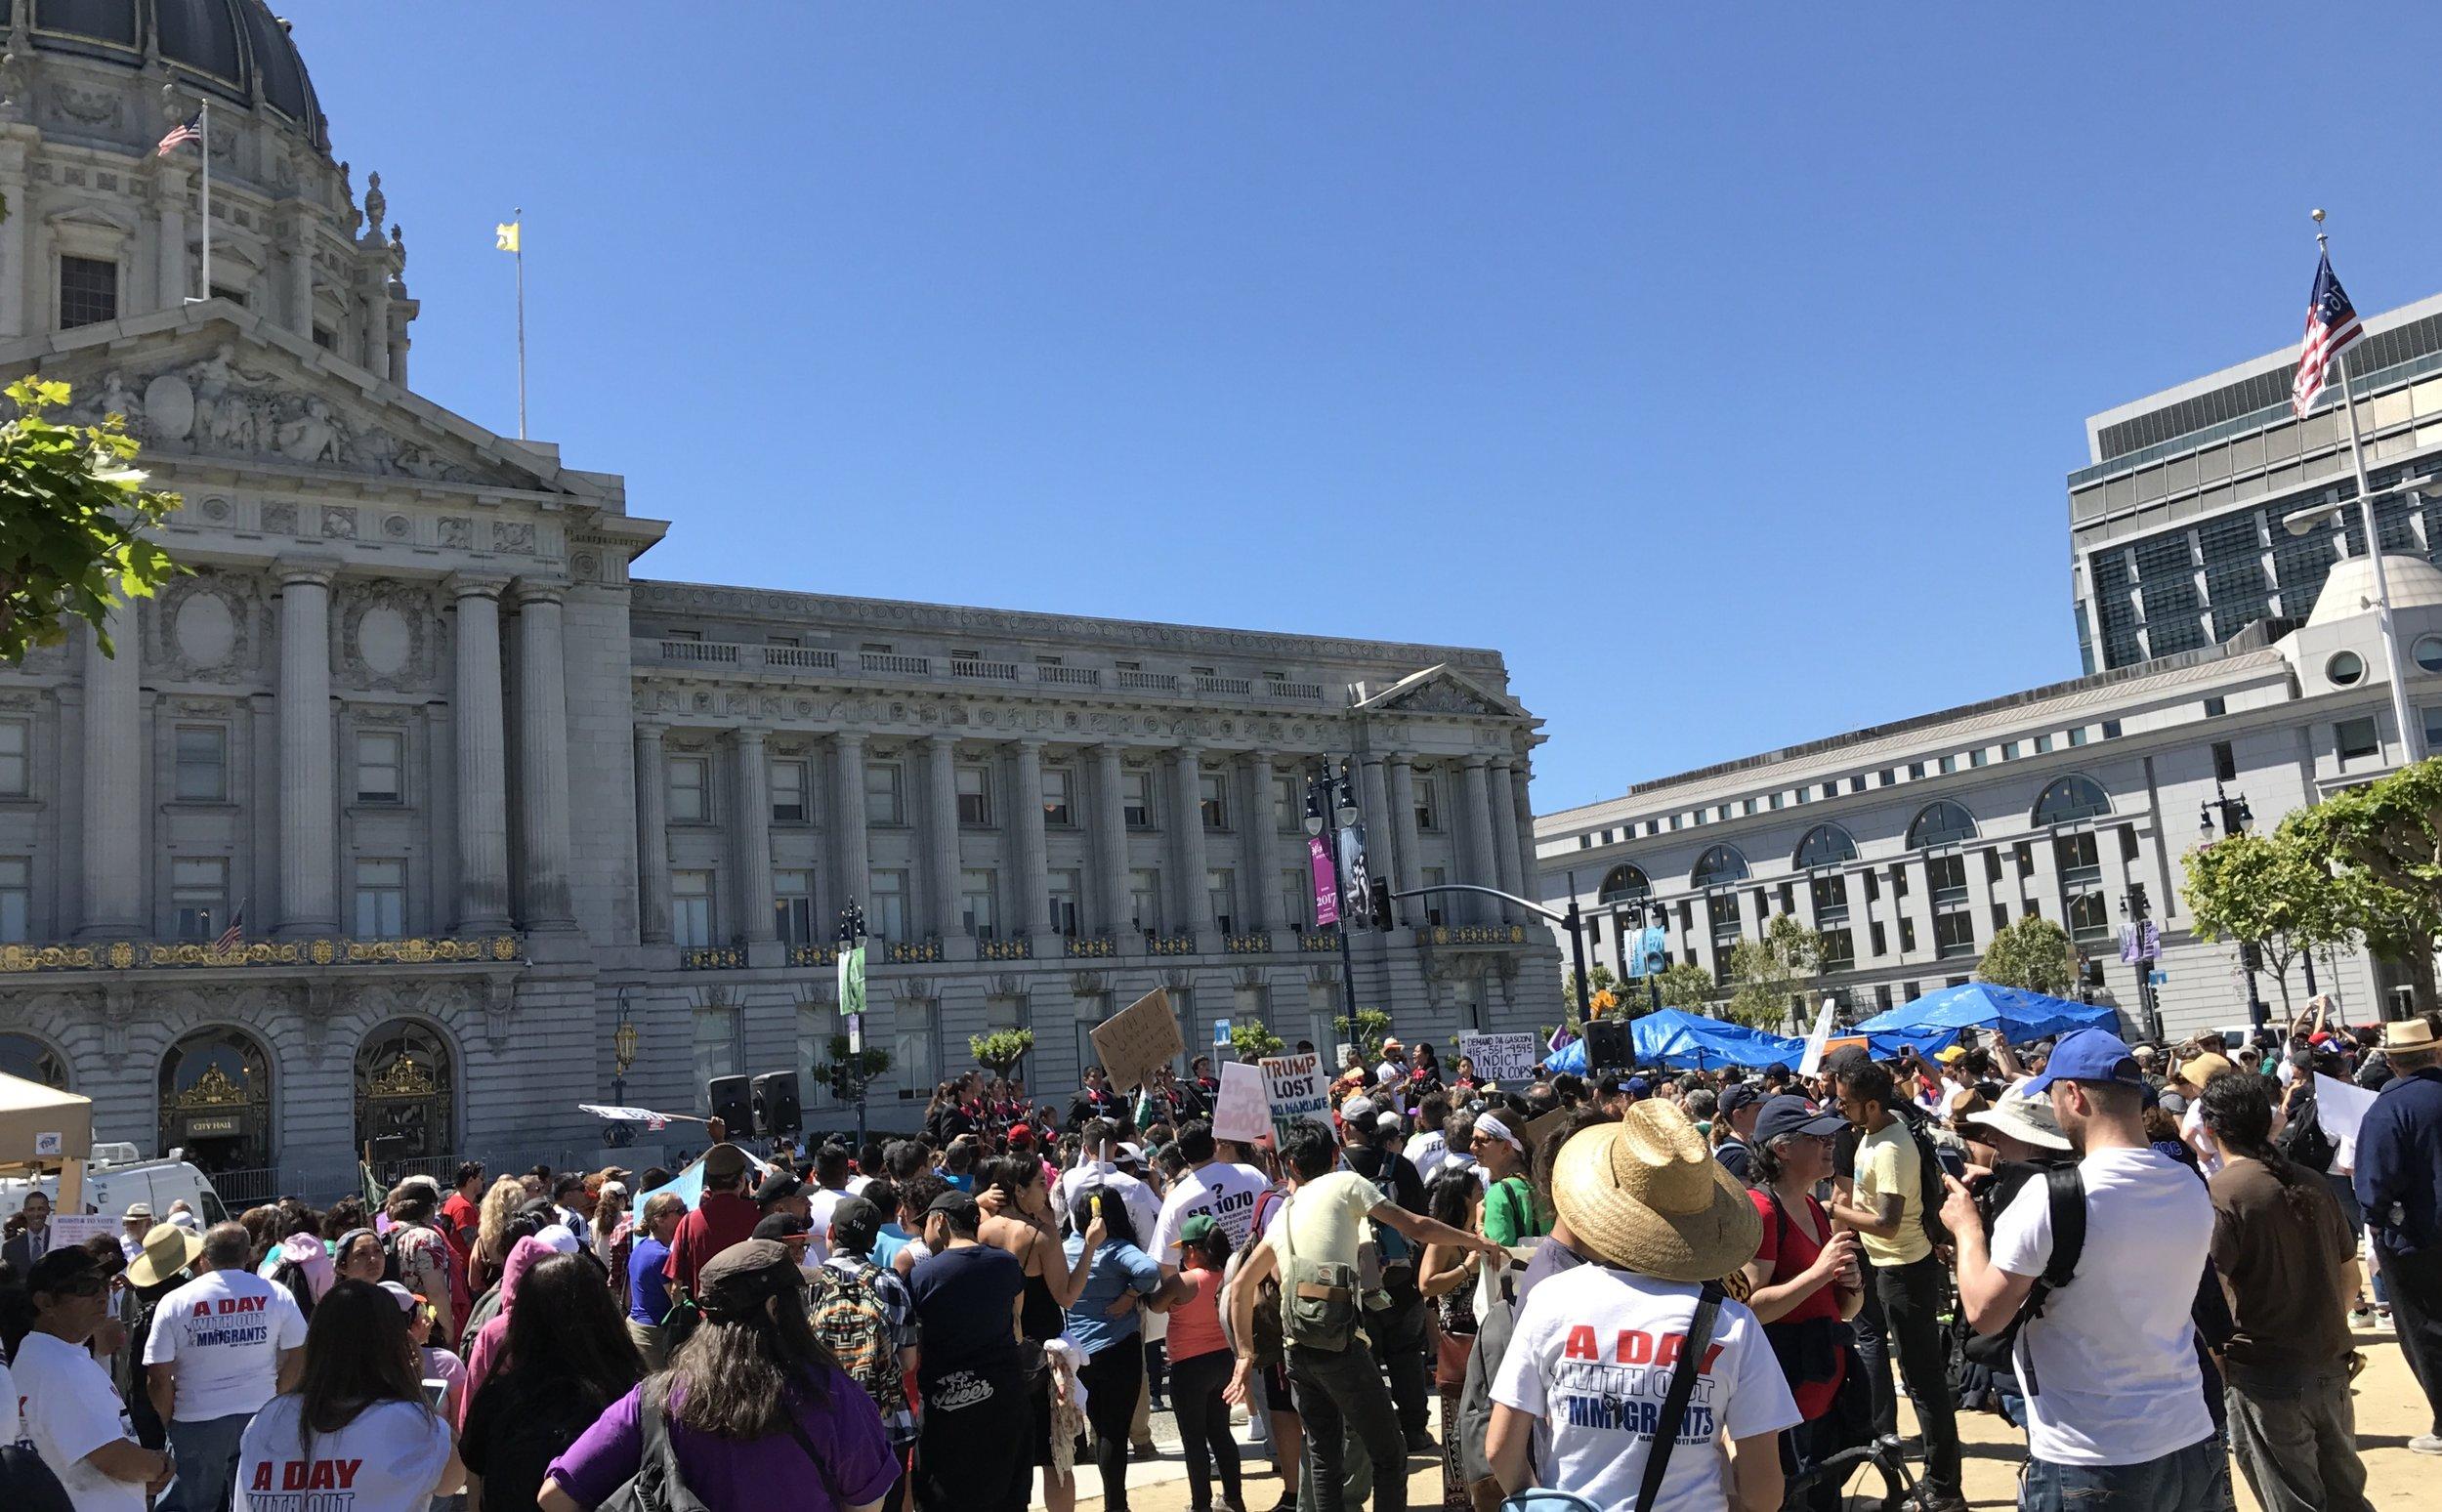 San Francisco, CA - May Day, 2017